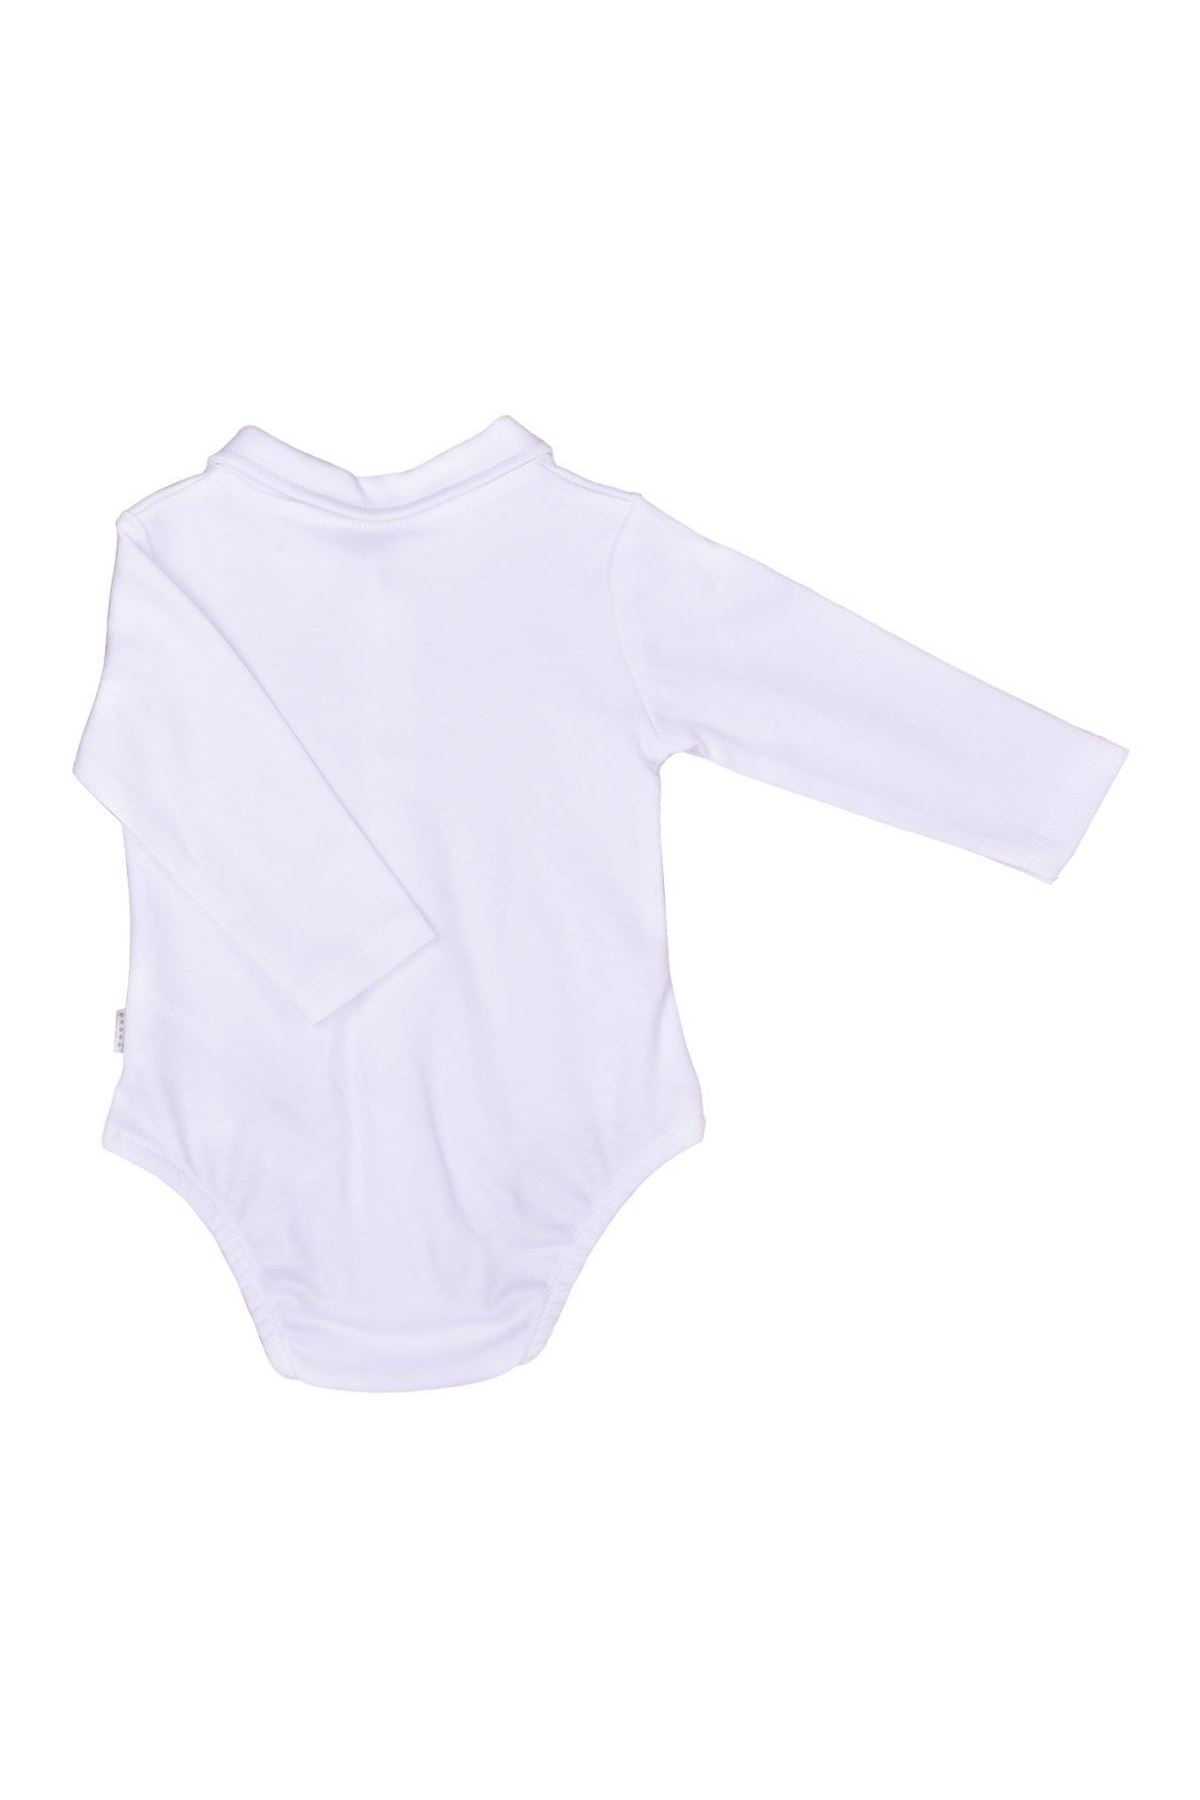 KitiKate Organik Dreams Cepli Gömlek Body Erkek 38699 Beyaz